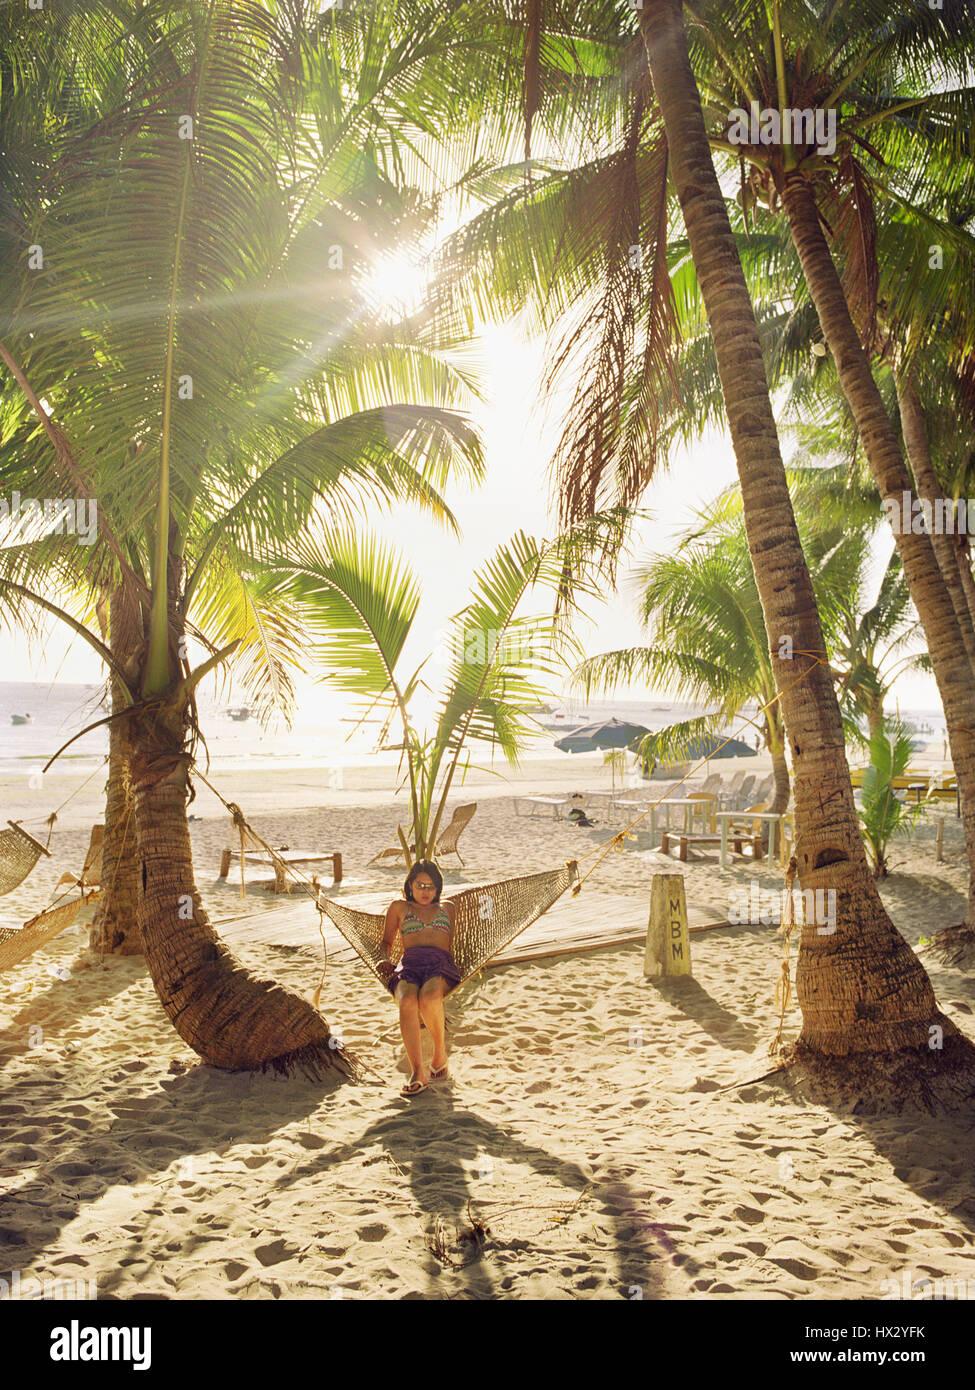 Mujer descansando en una hamaca en la playa Imagen De Stock